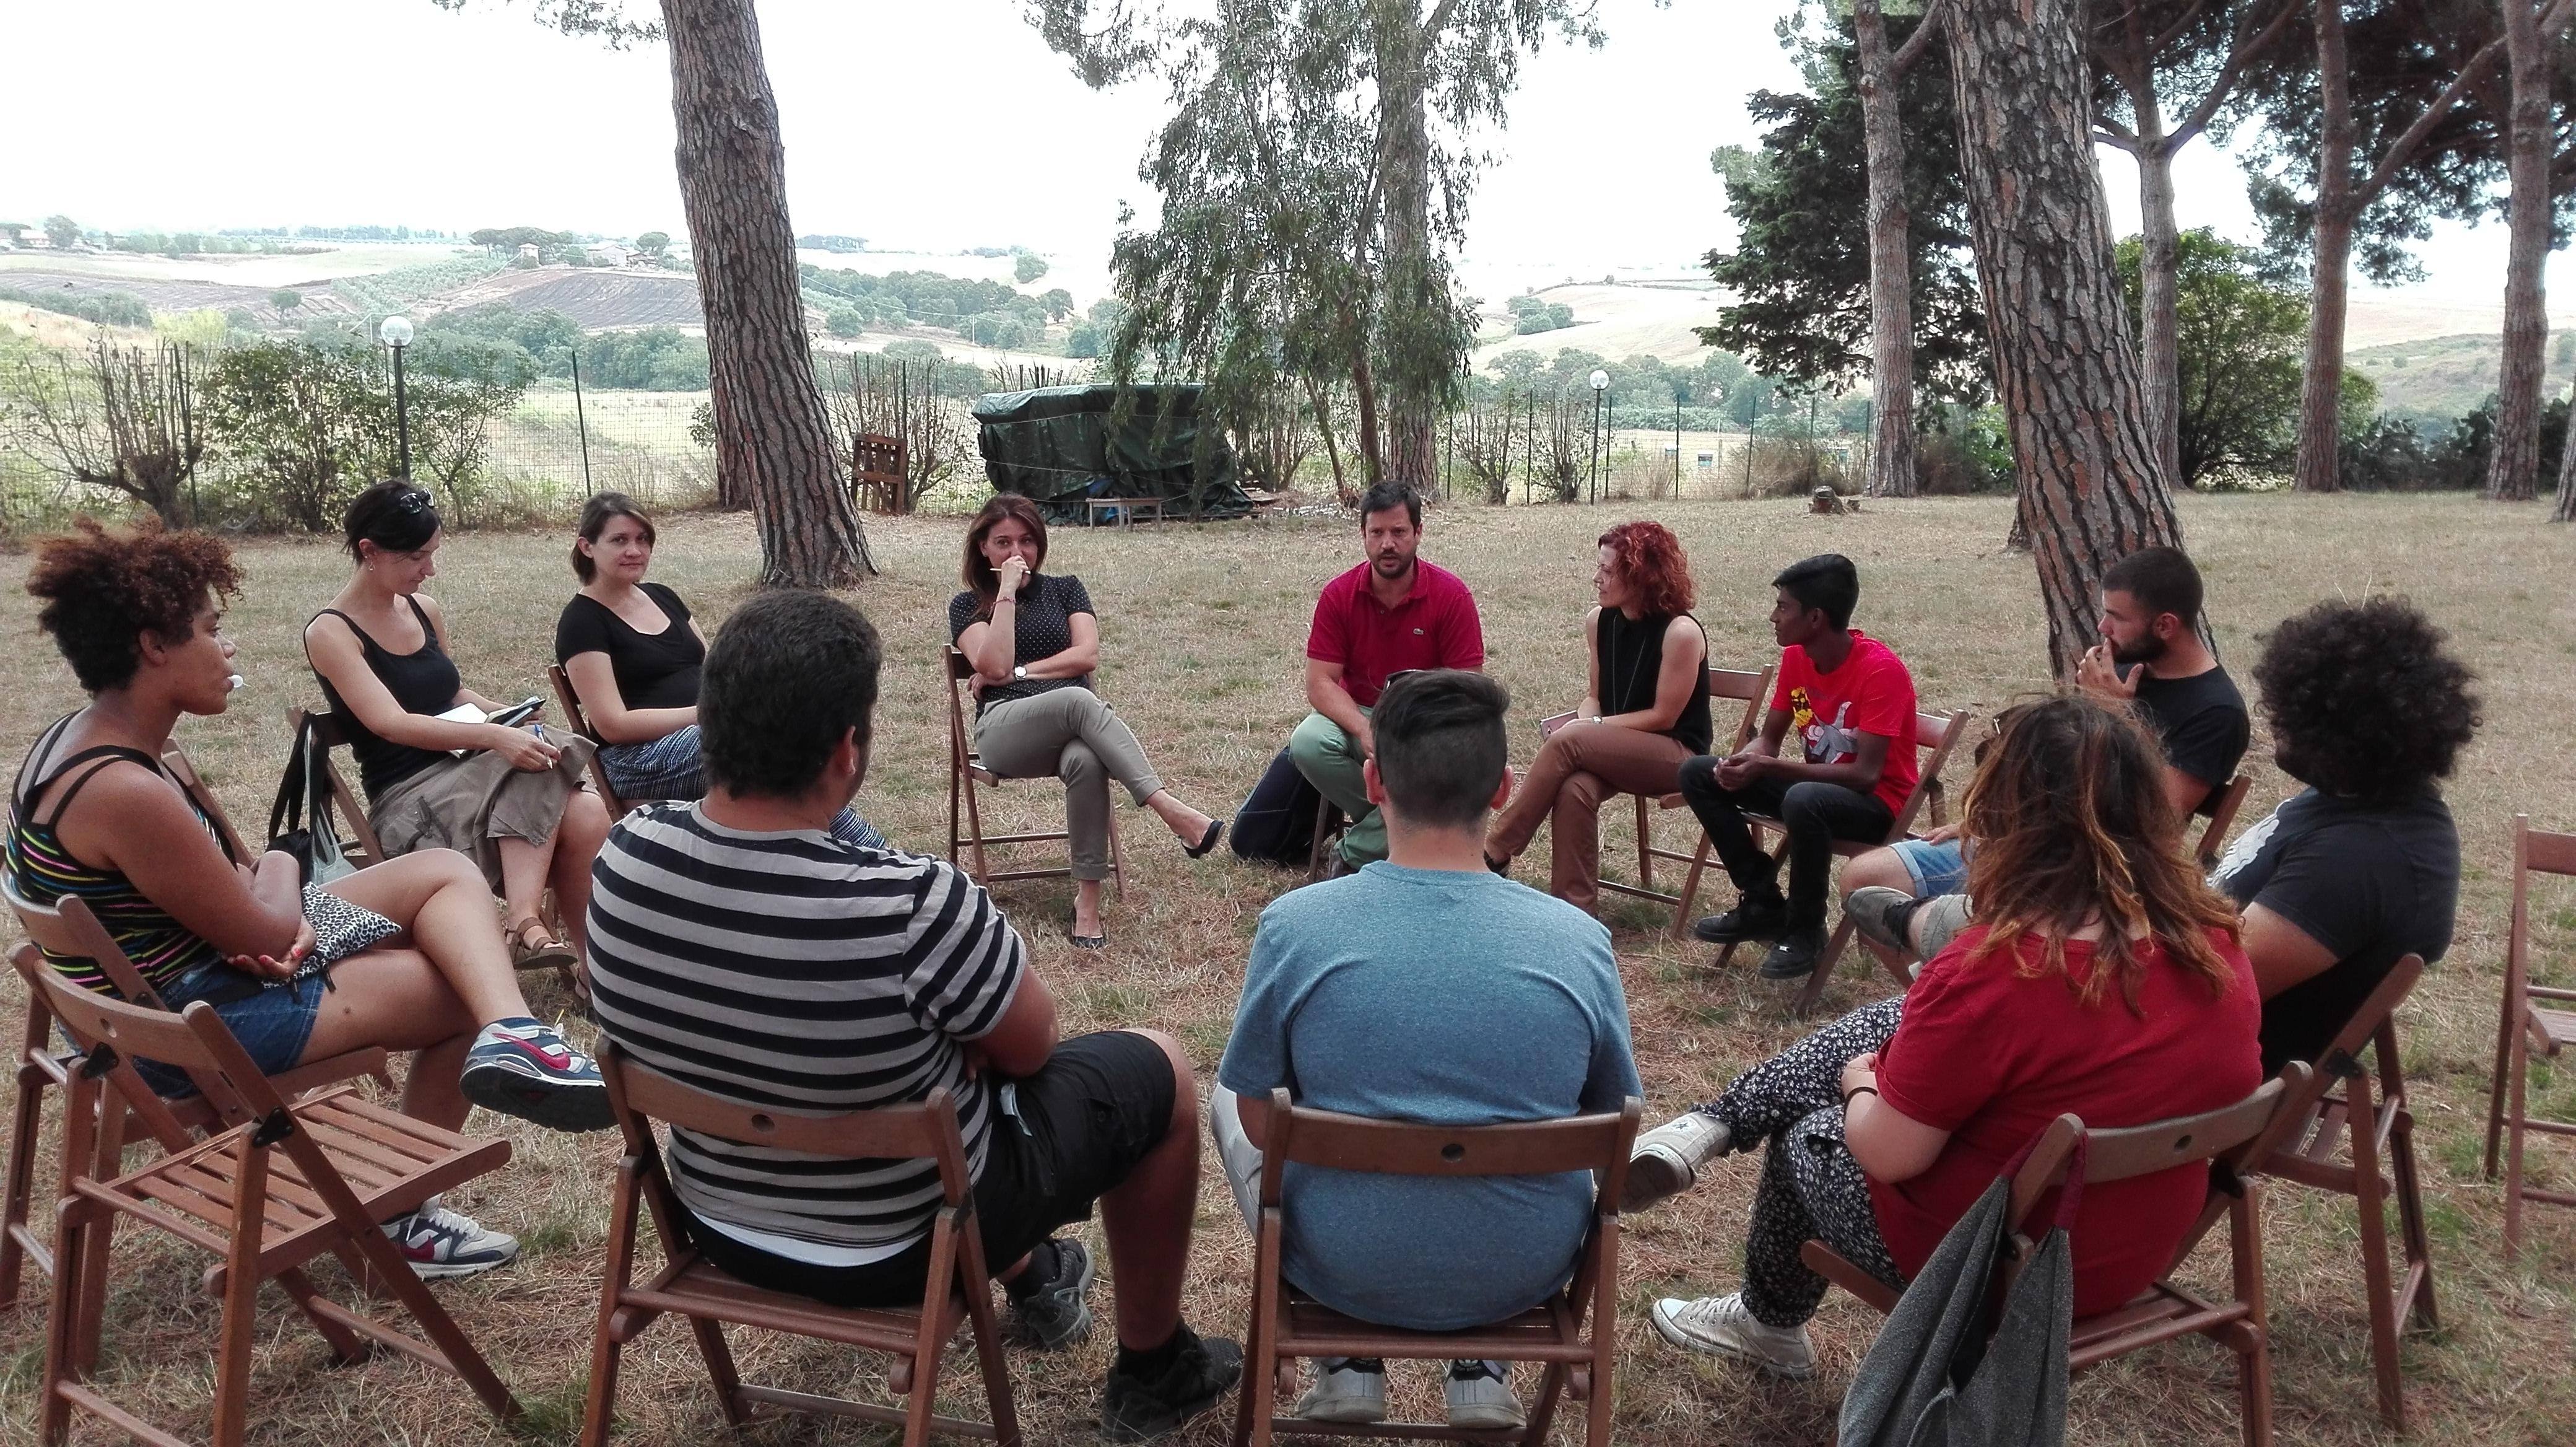 Giornata a La Nuova Arca con i ragazzi del progetto Le Imprese e i Giovani